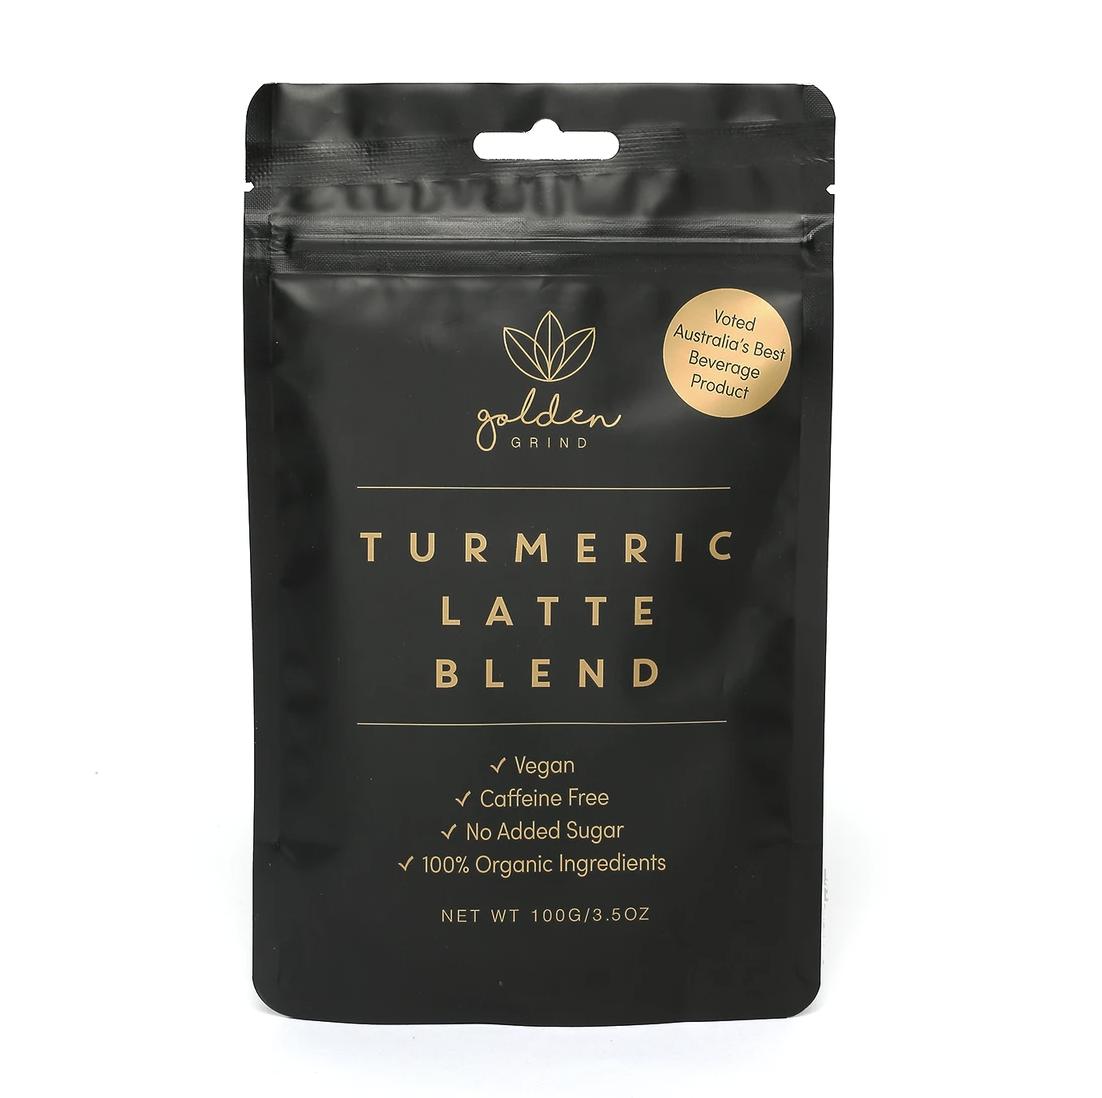 Golden Grind Turmeric Latte Blend